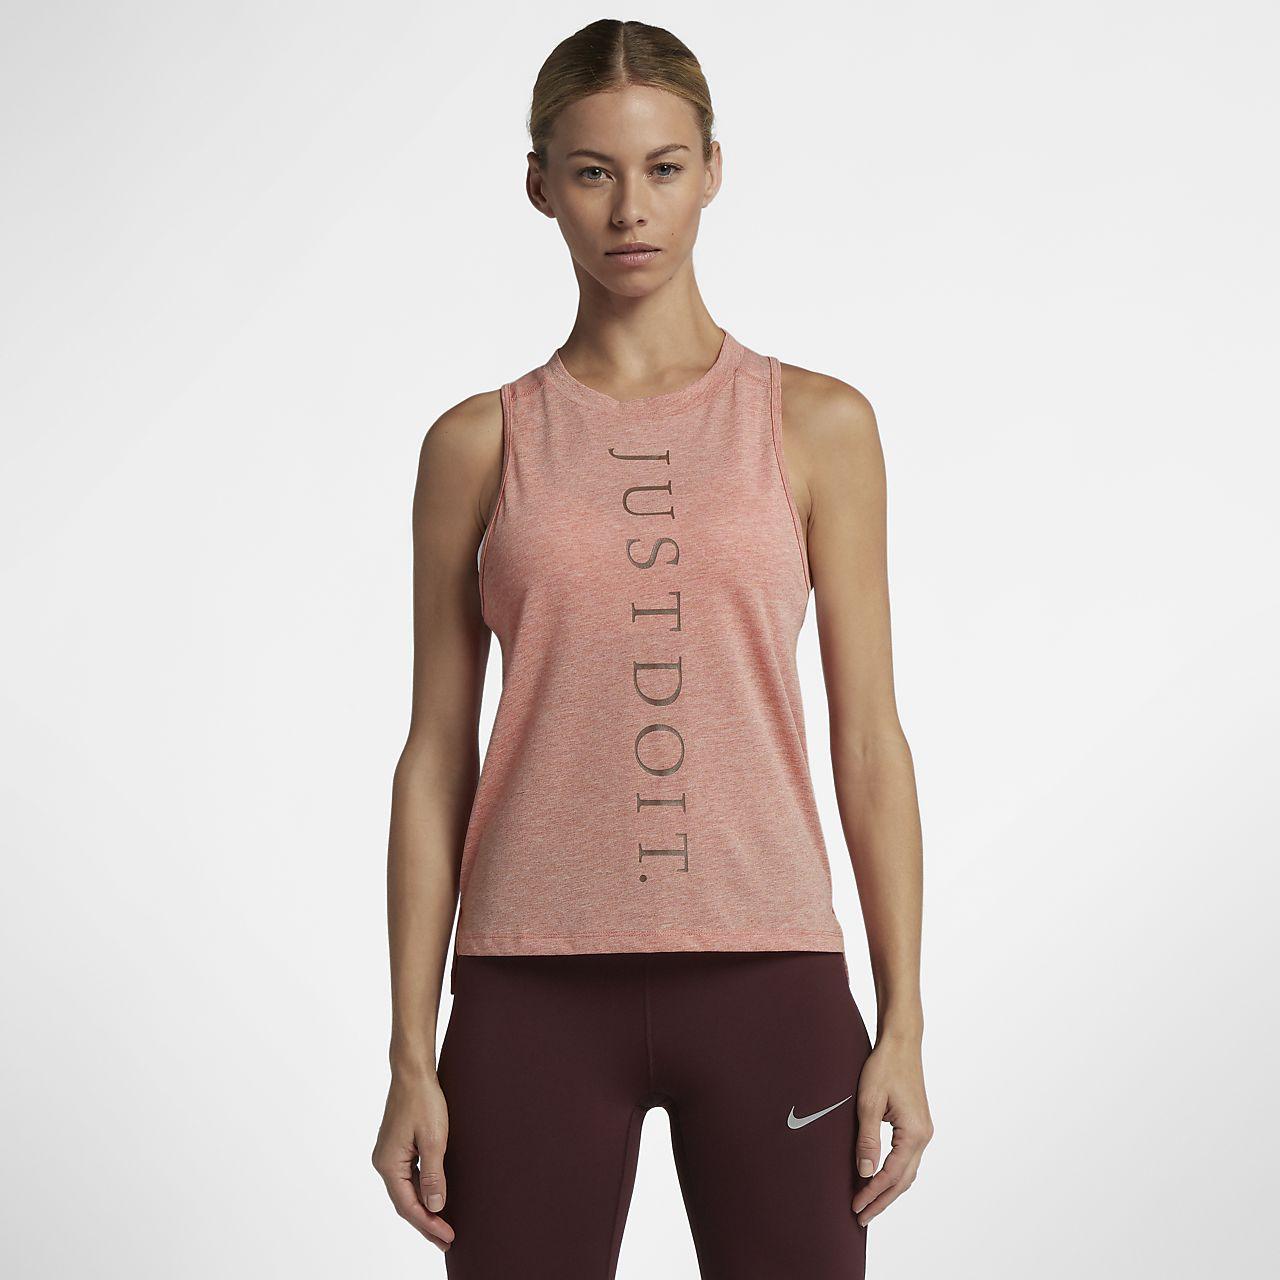 encontrar mano de obra buena calidad al por mayor Camiseta de tirantes de running para mujer Nike Miler Just Do It